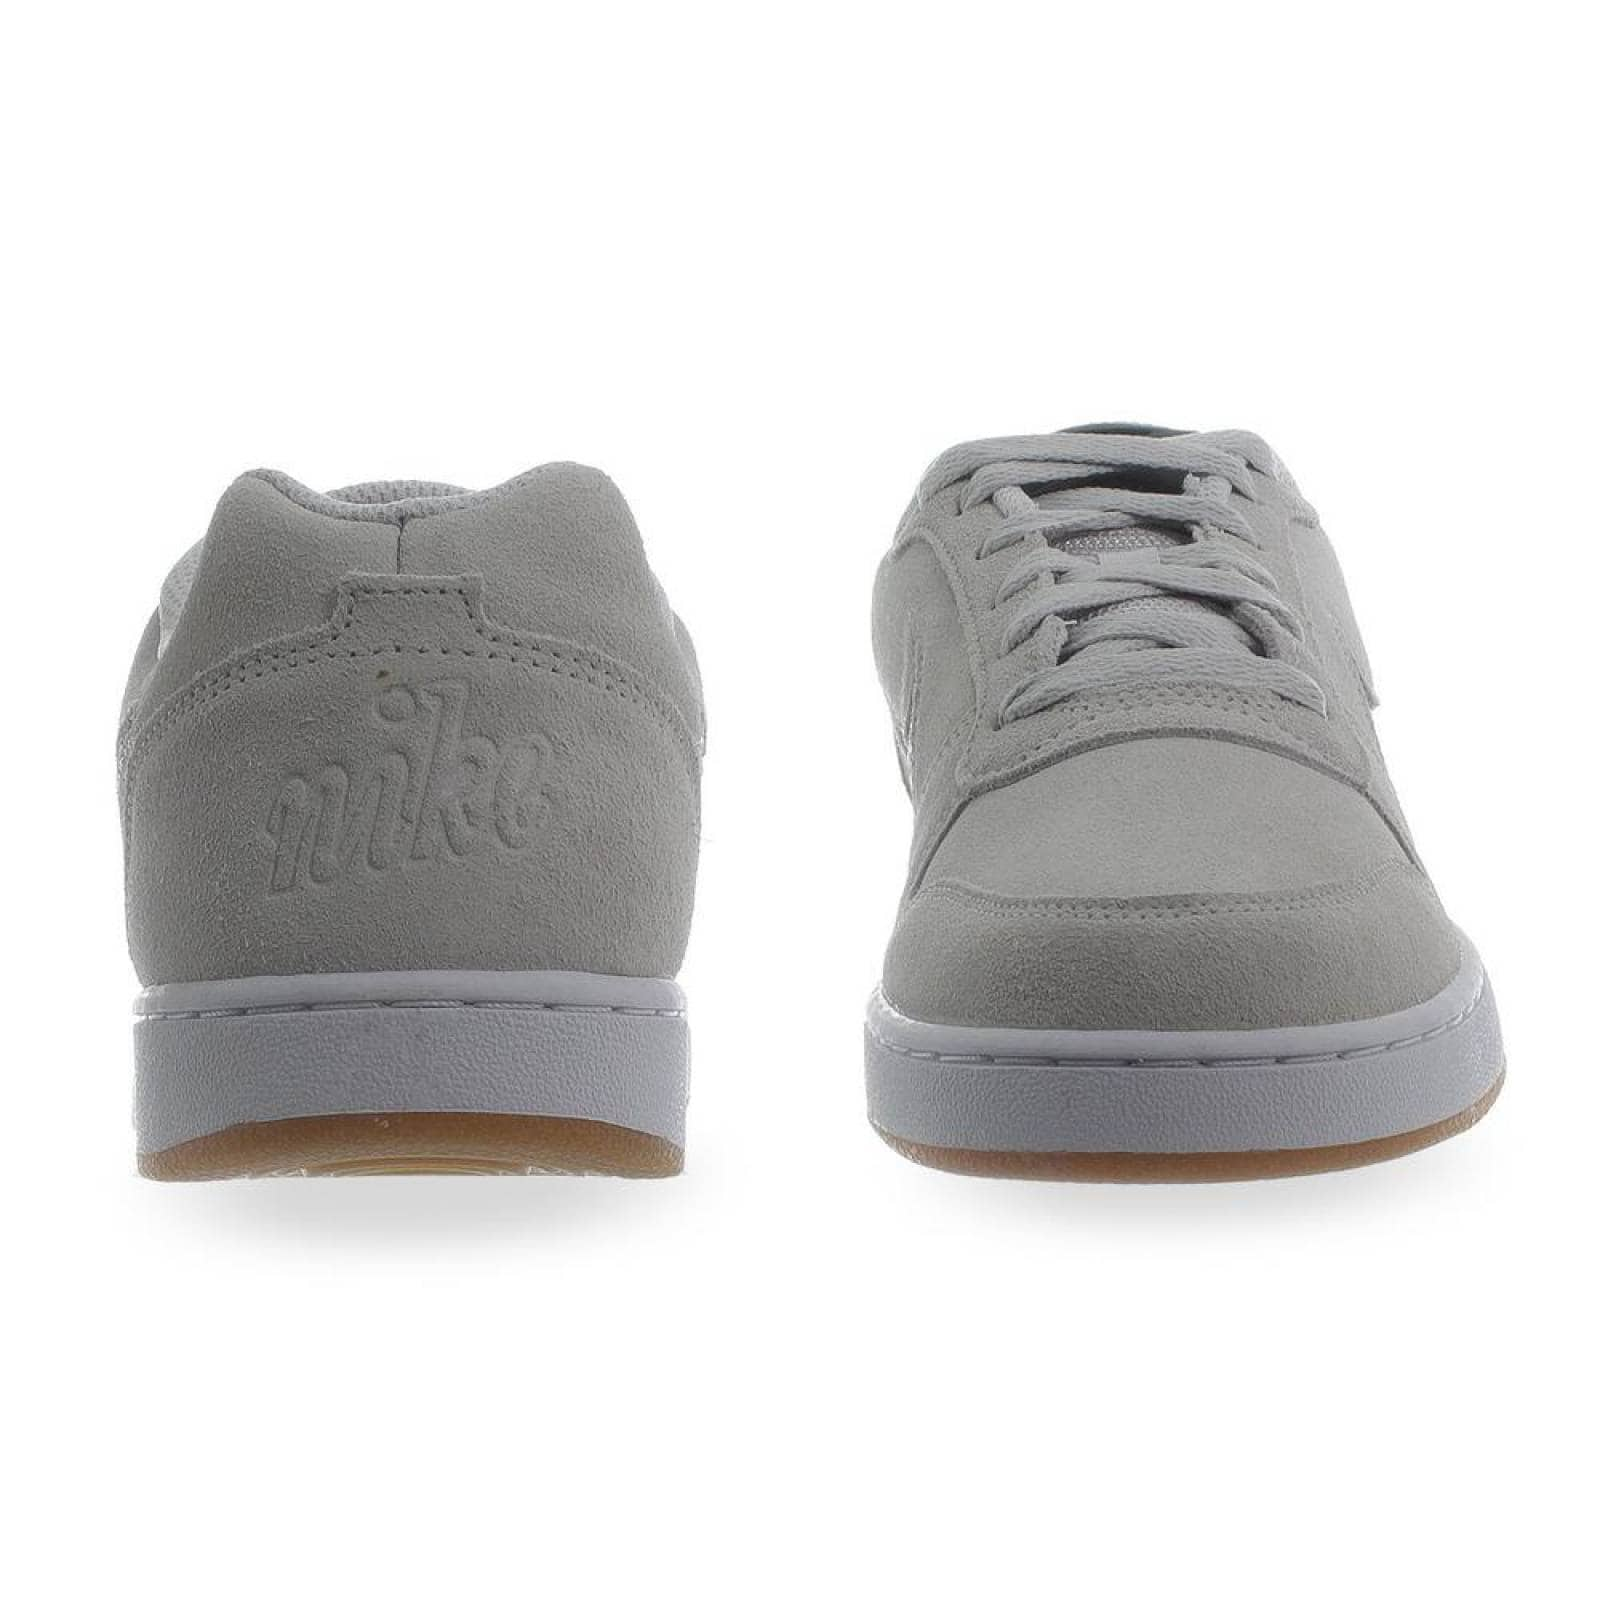 conjunción Yo Clavijas  Tenis Nike Ebernon Low Premium - AQ1774002 - Gris - Hombre